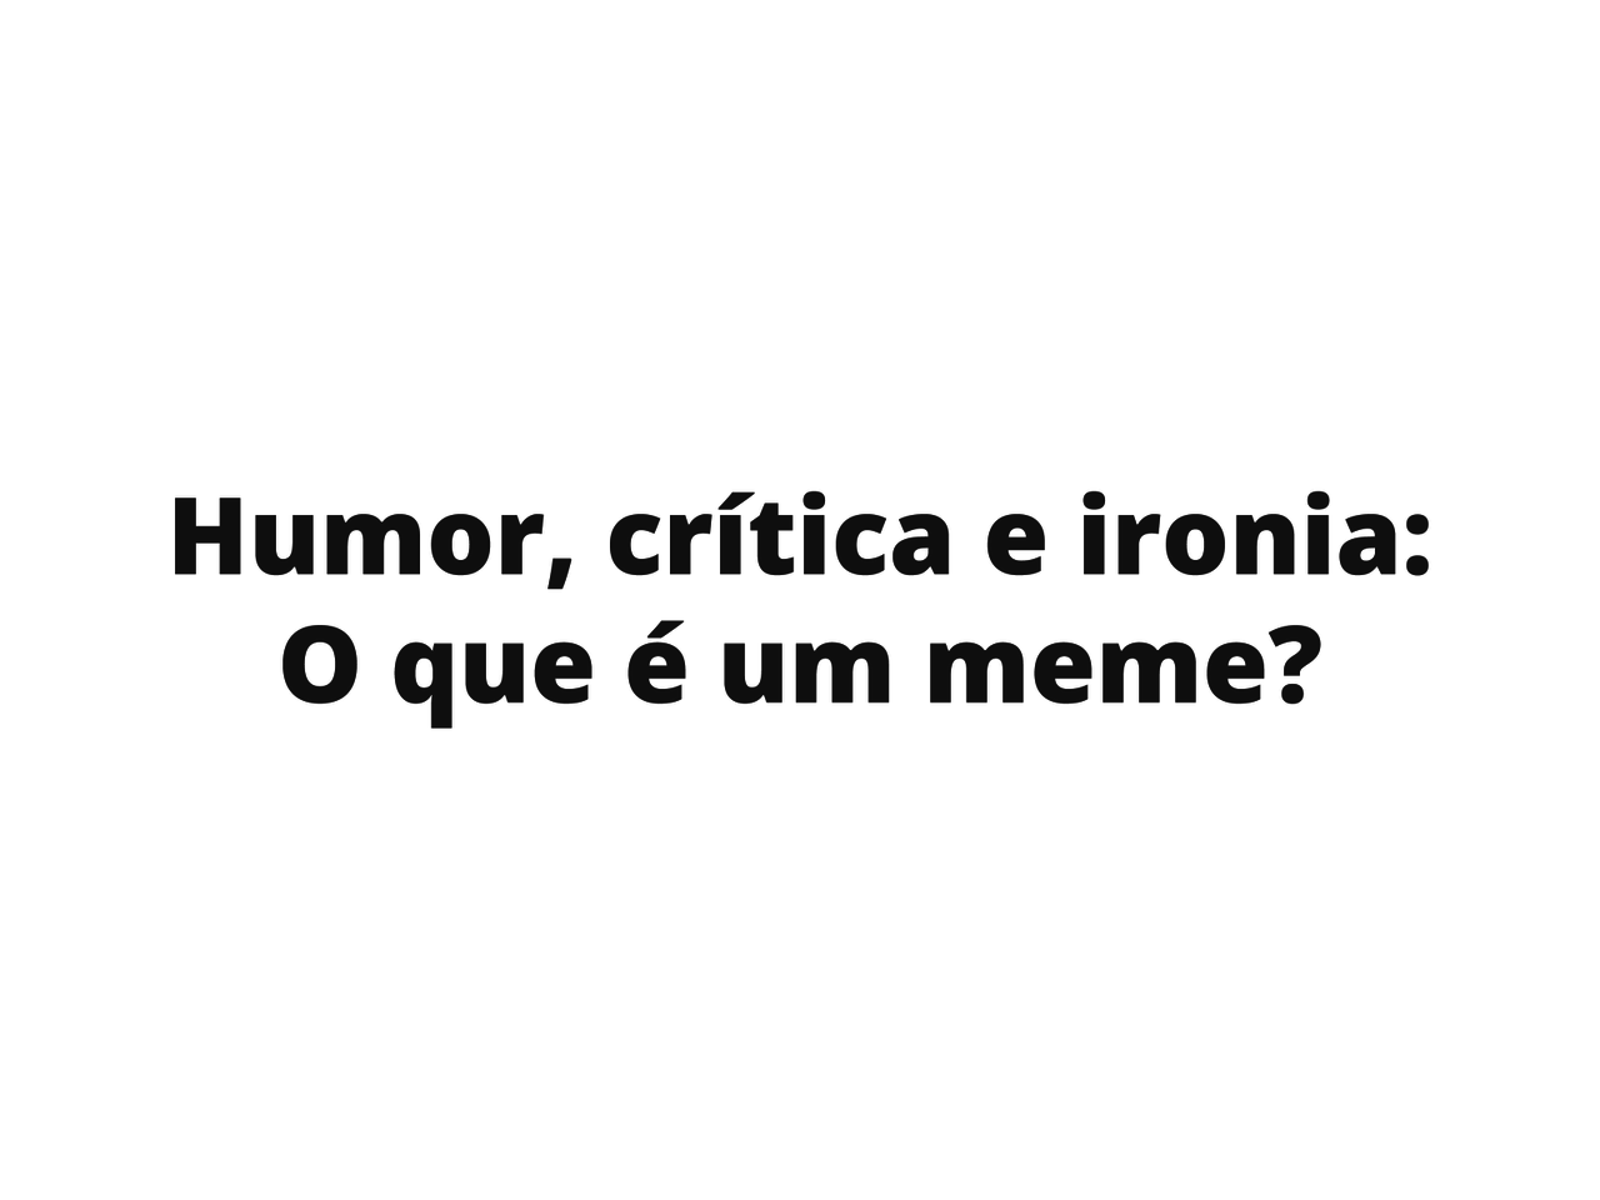 Humor, crítica e ironia: o que é um meme?